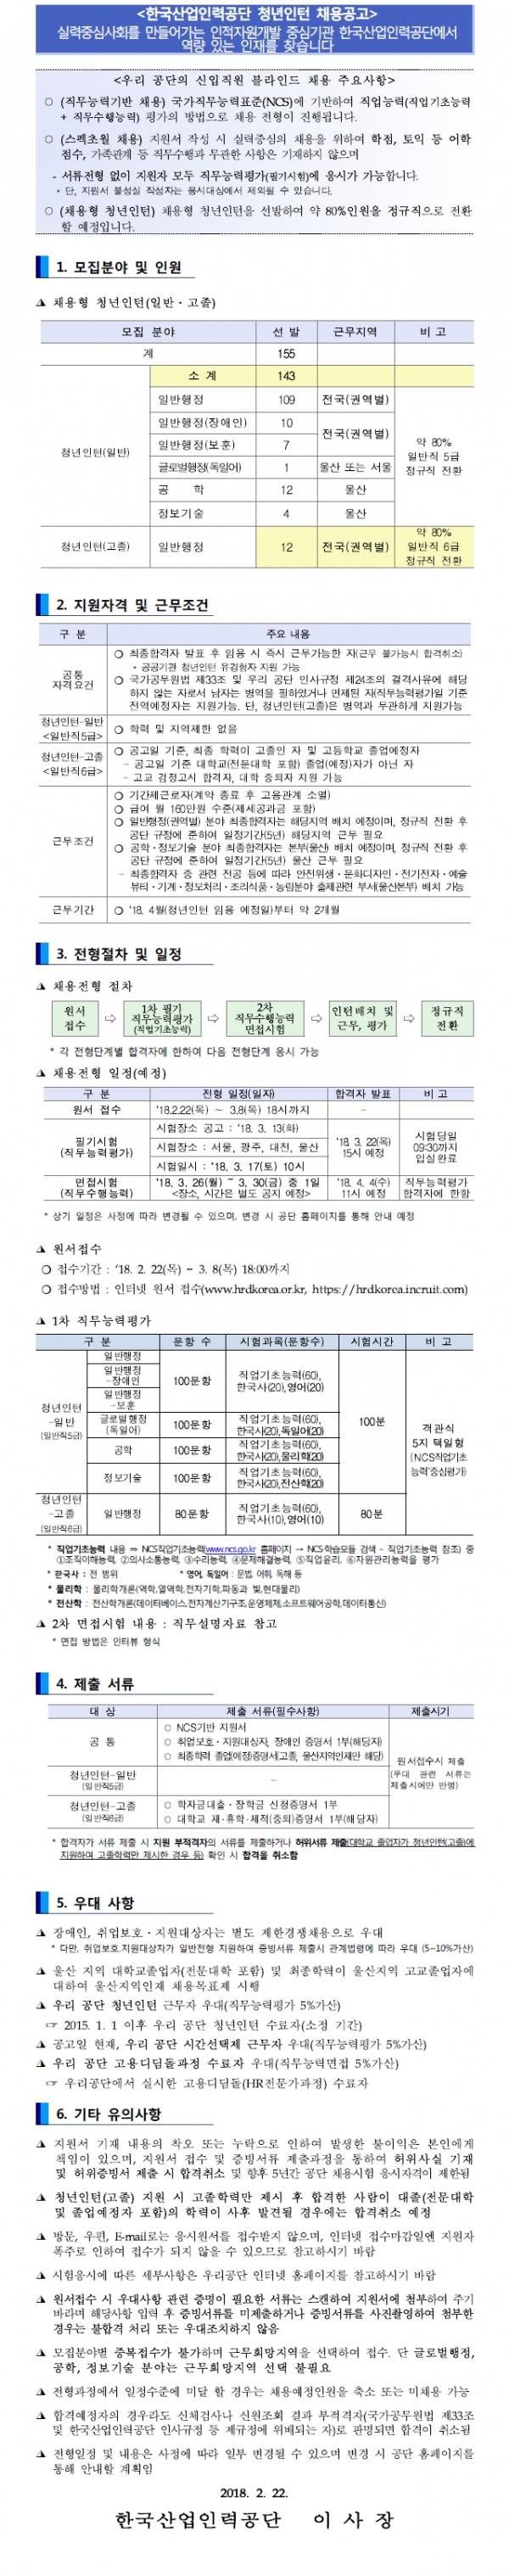 [한국산업인력공단] 청년인턴 채용공고